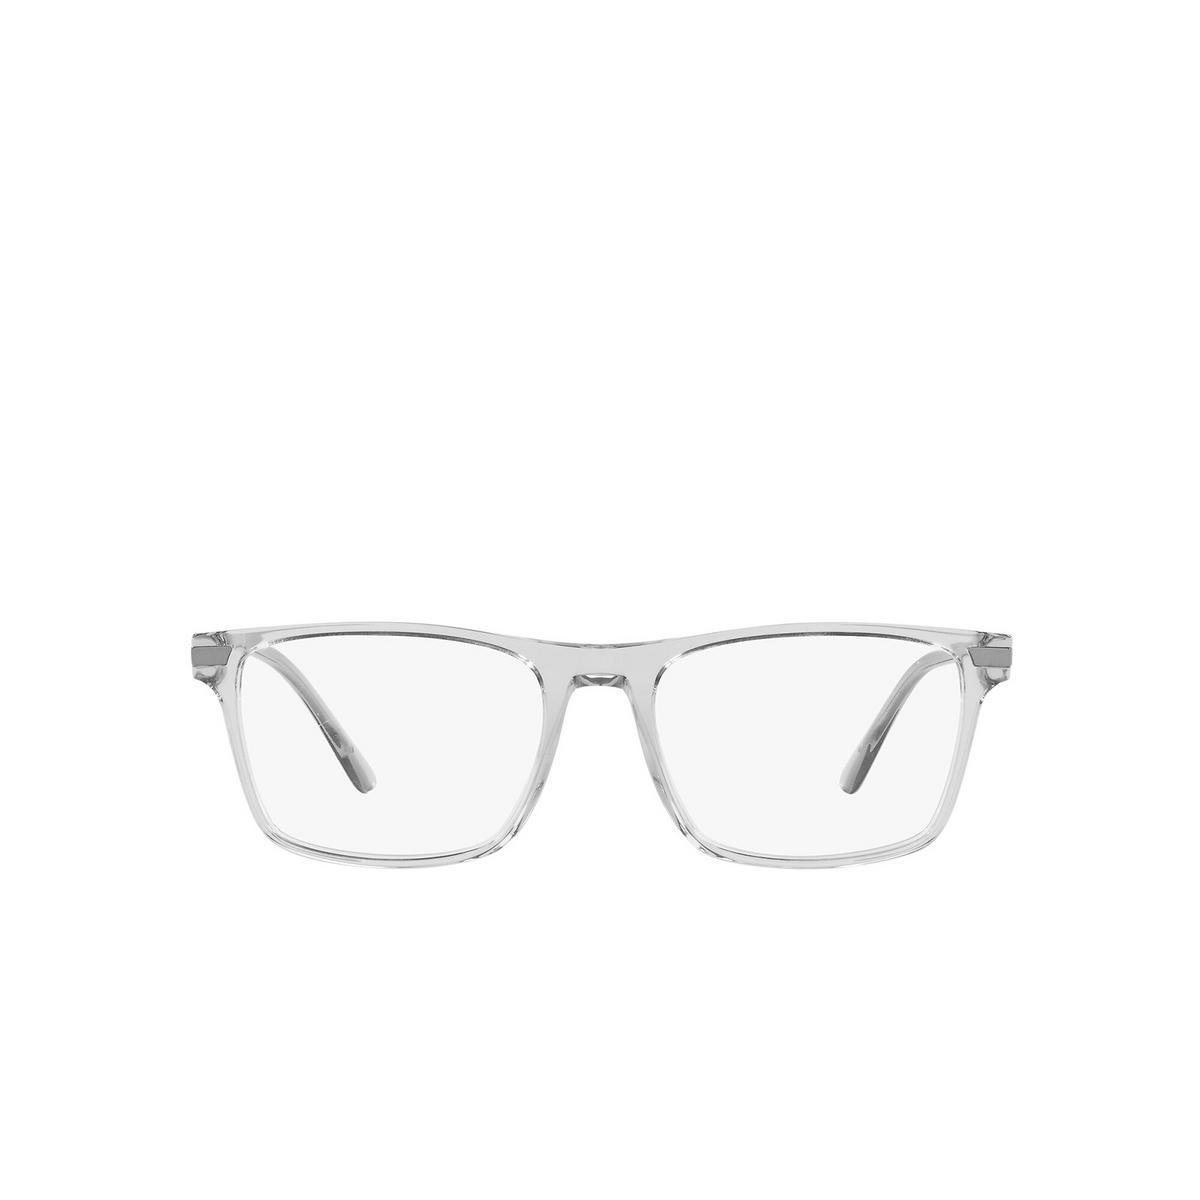 Prada® Rectangle Eyeglasses: PR 01WV color Transparent Grey U431O1 - front view.